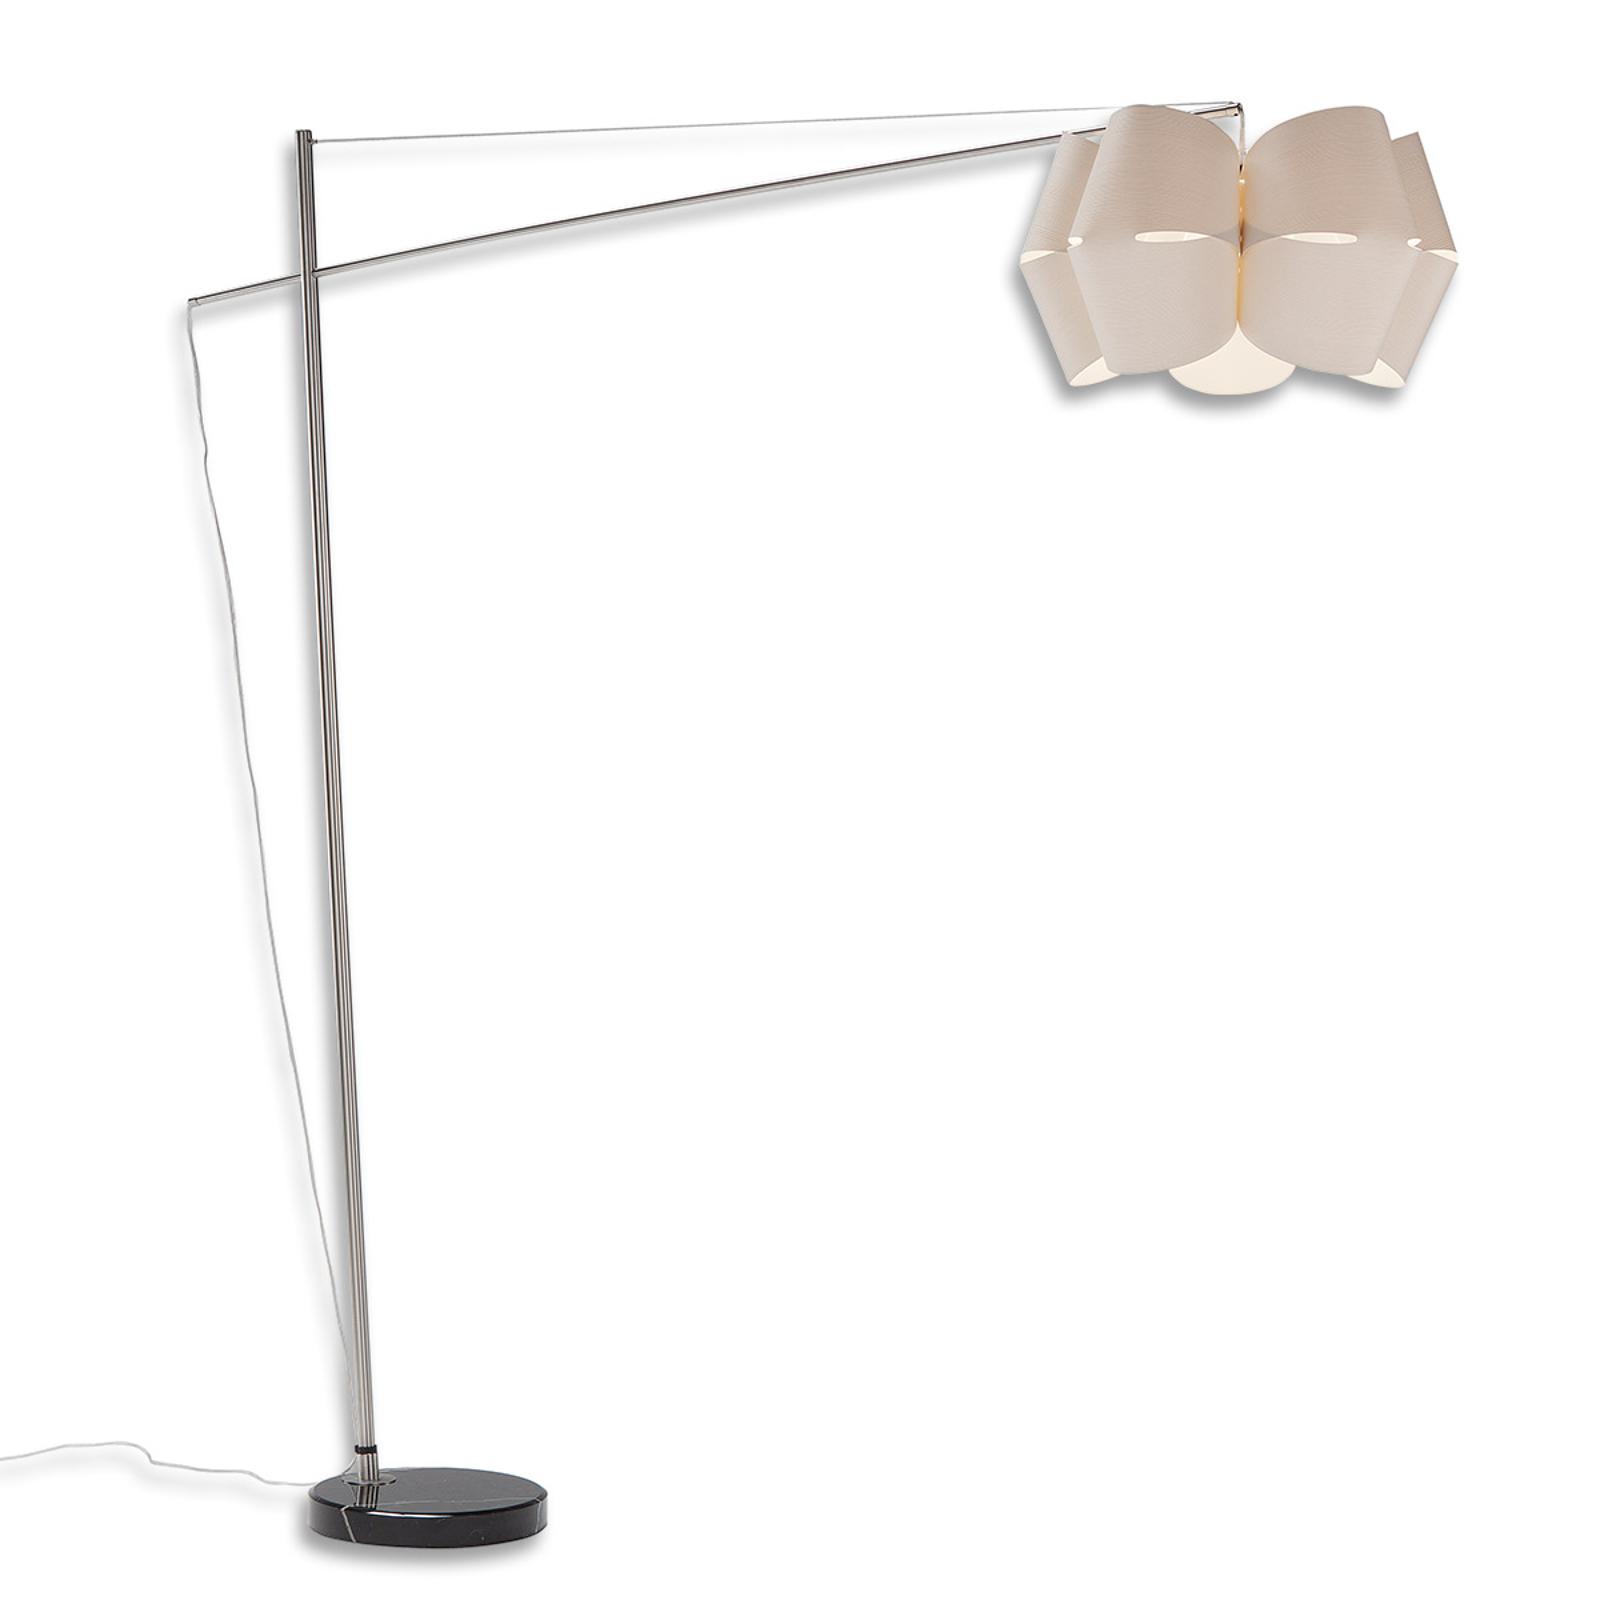 Vloerlamp Bridge van witte larikshout